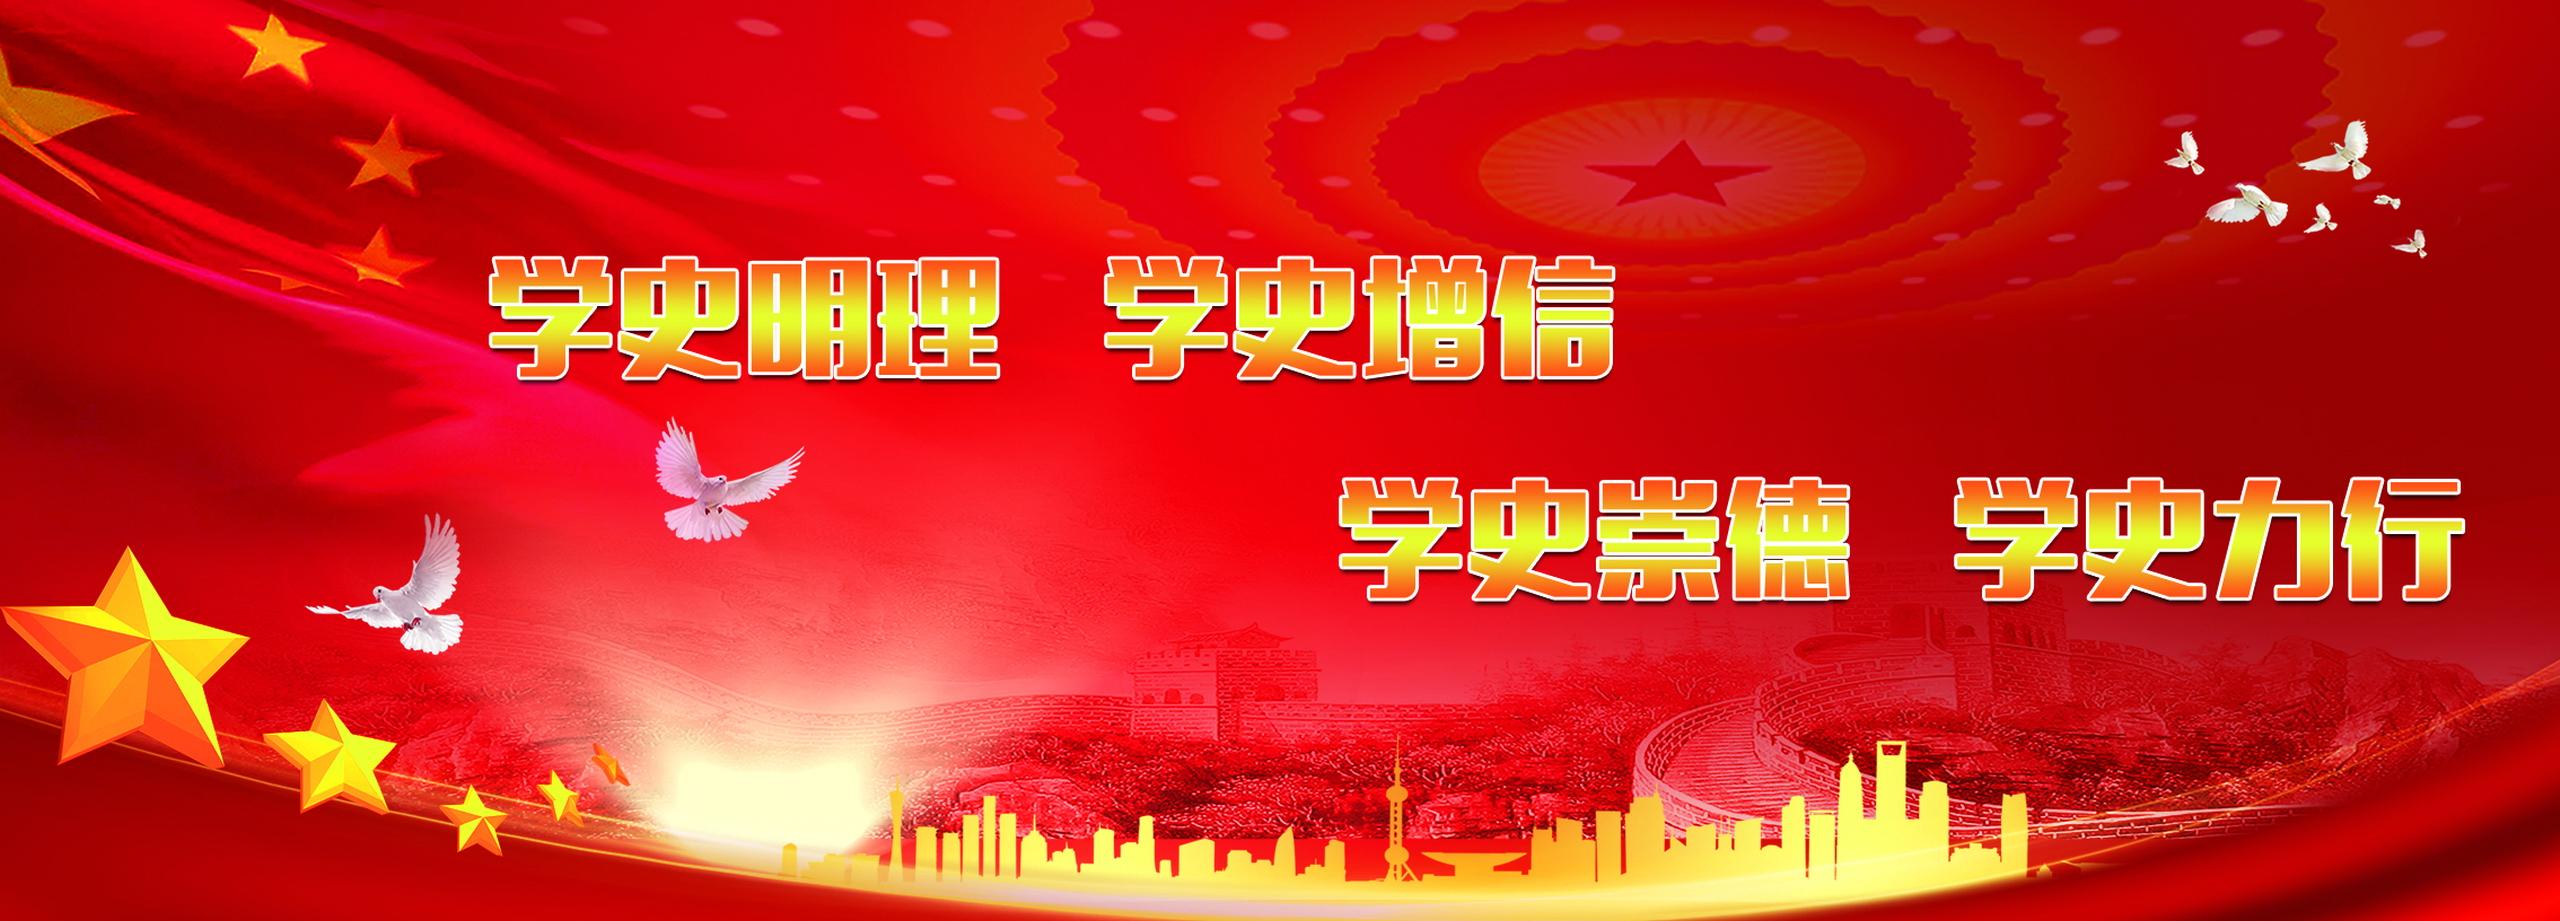 中文版党史